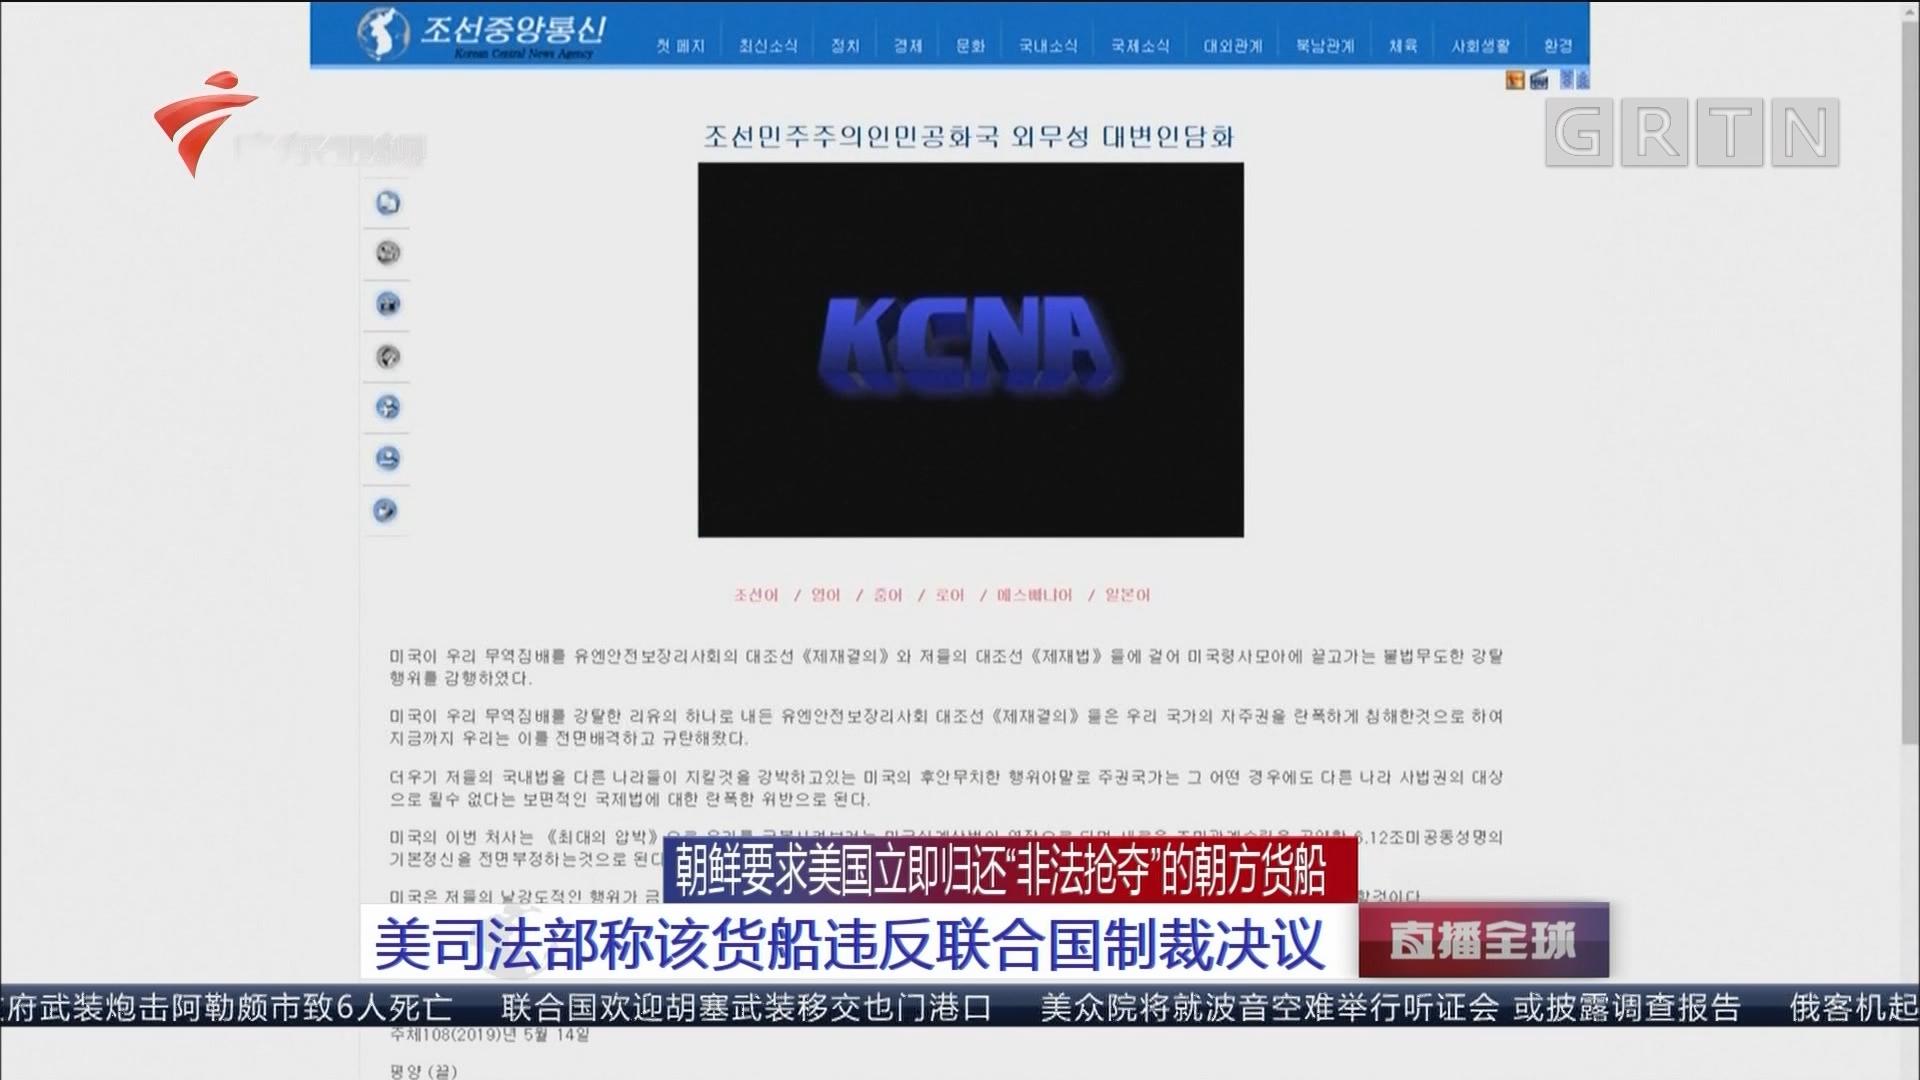 """朝鲜要求美国立即归还""""非法抢夺""""的朝方货船?#22909;浪?#27861;部称该货船违反联合国制裁决议"""